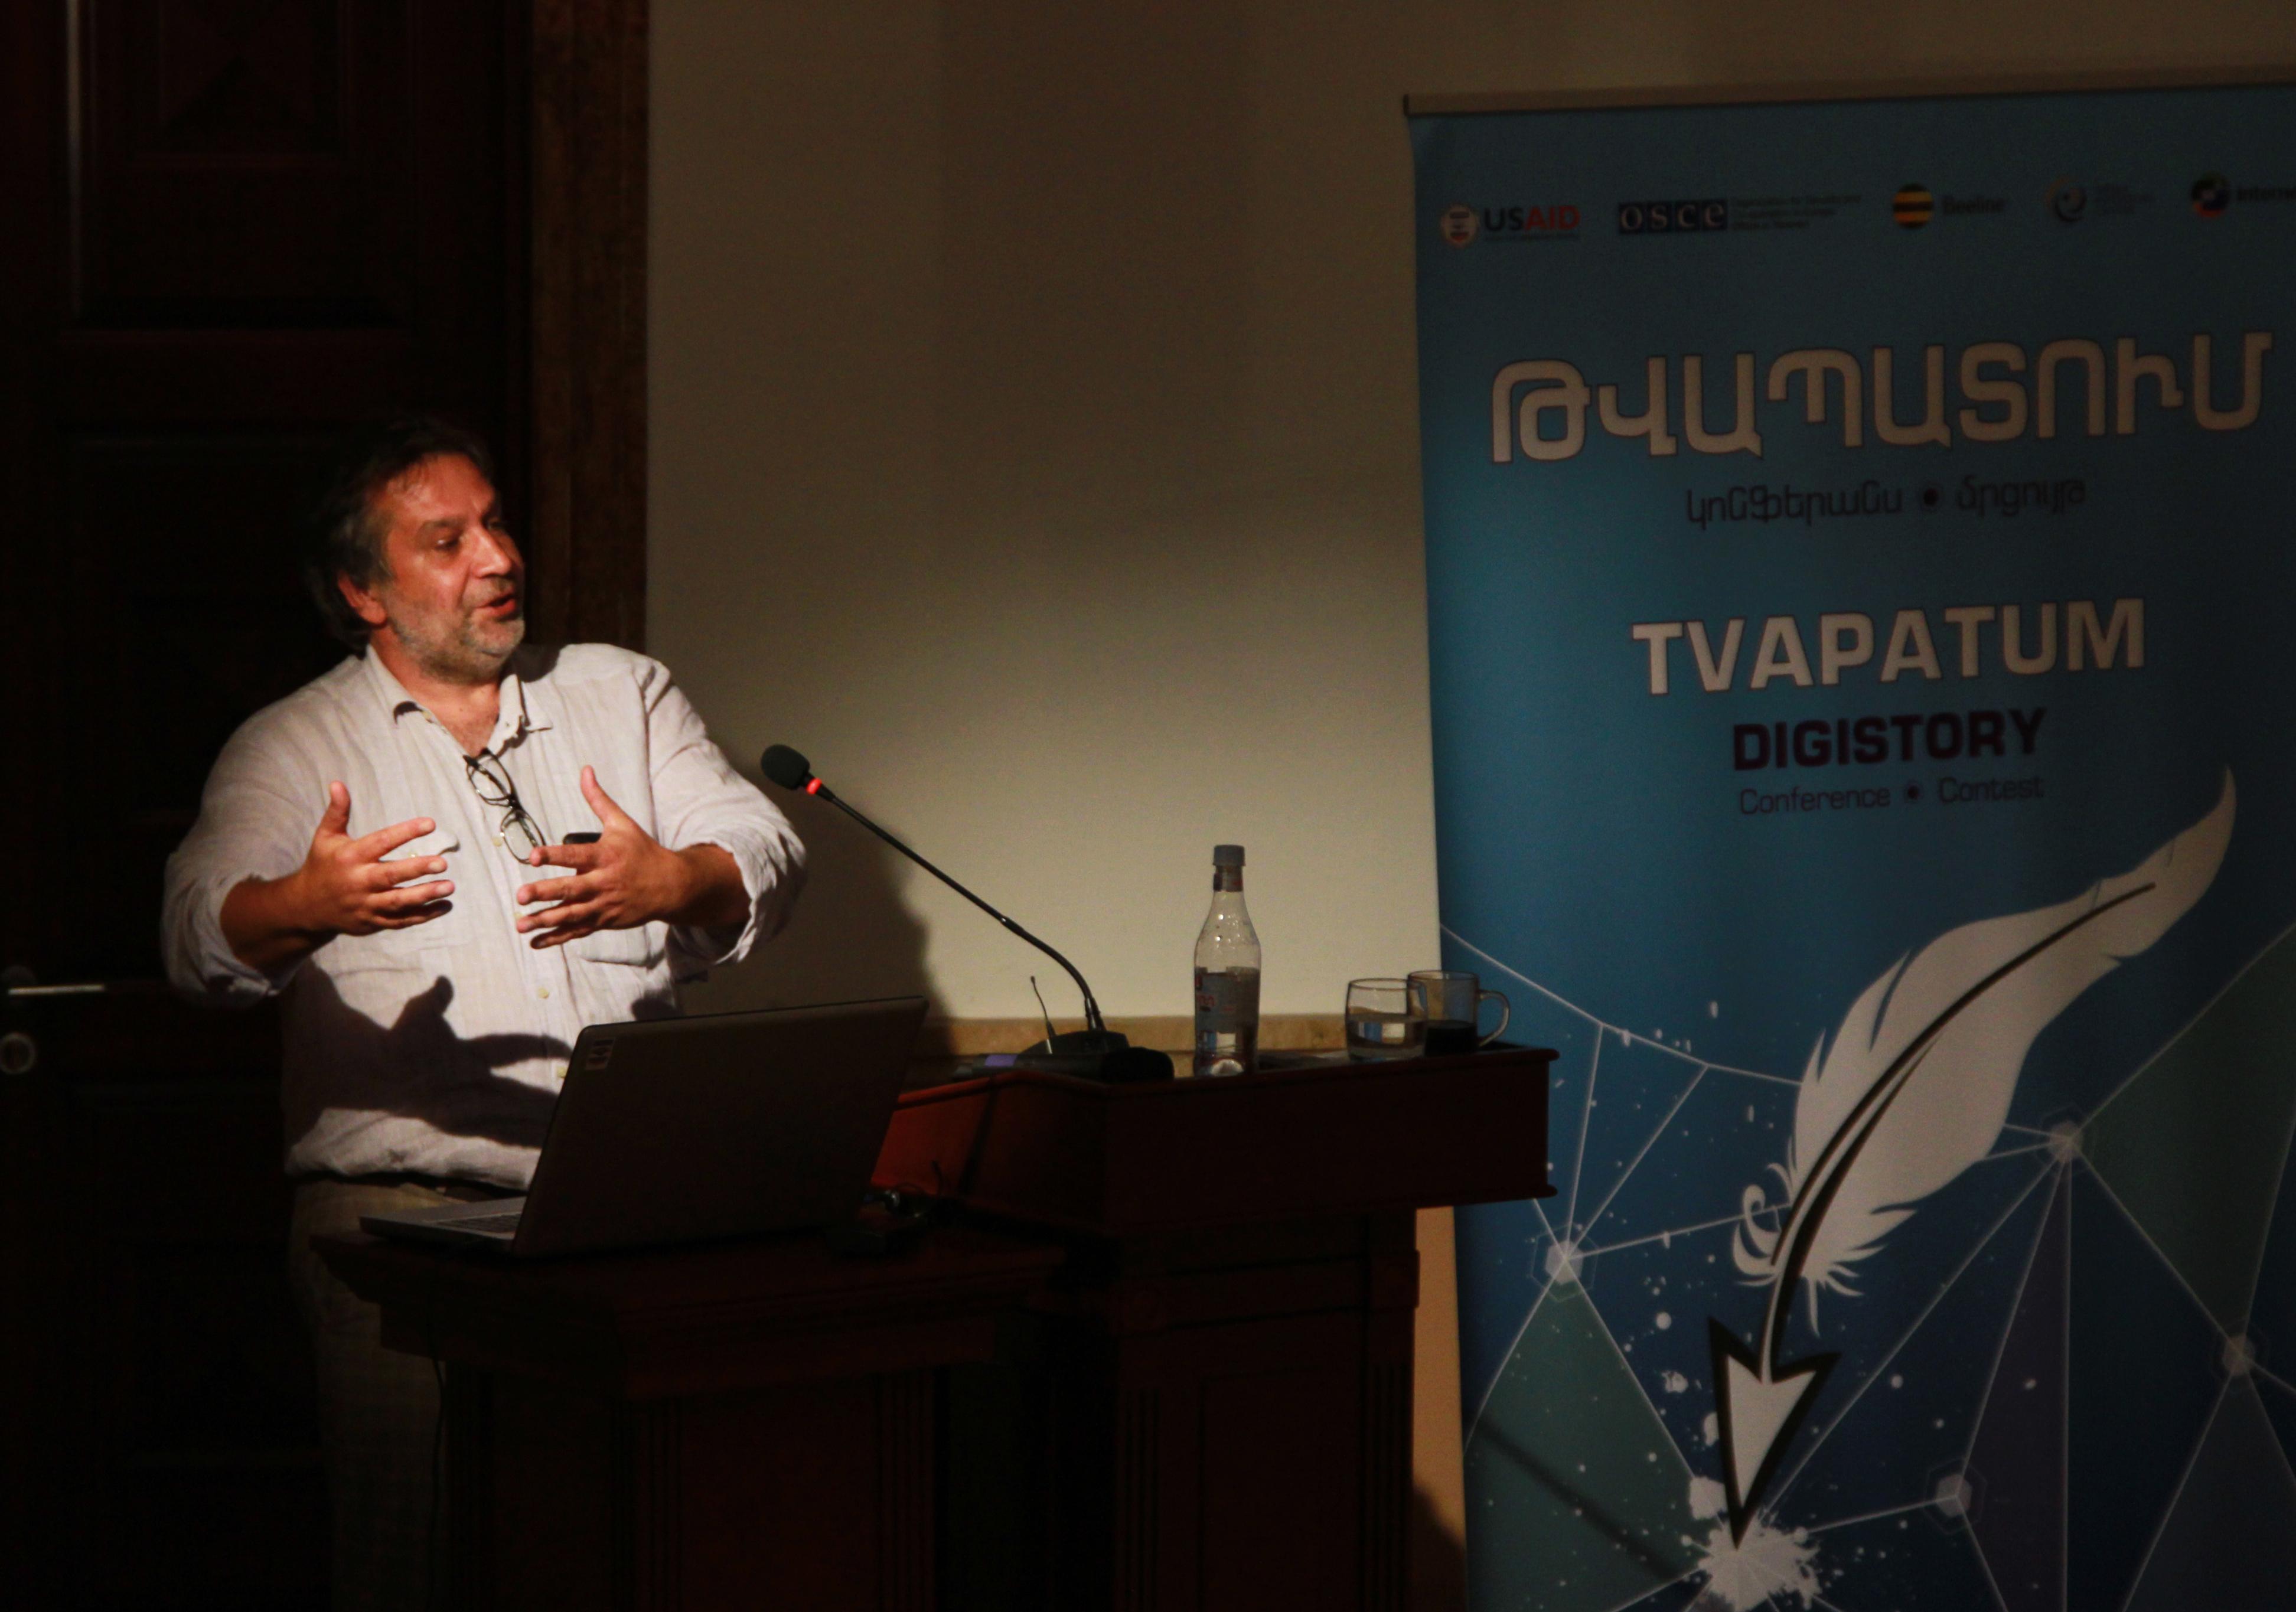 Վասիլի Գատովը՝ Թվապատման ելույթի ժամանակ <br> Լուսանկարը՝ Սոնա Քոչարյանի